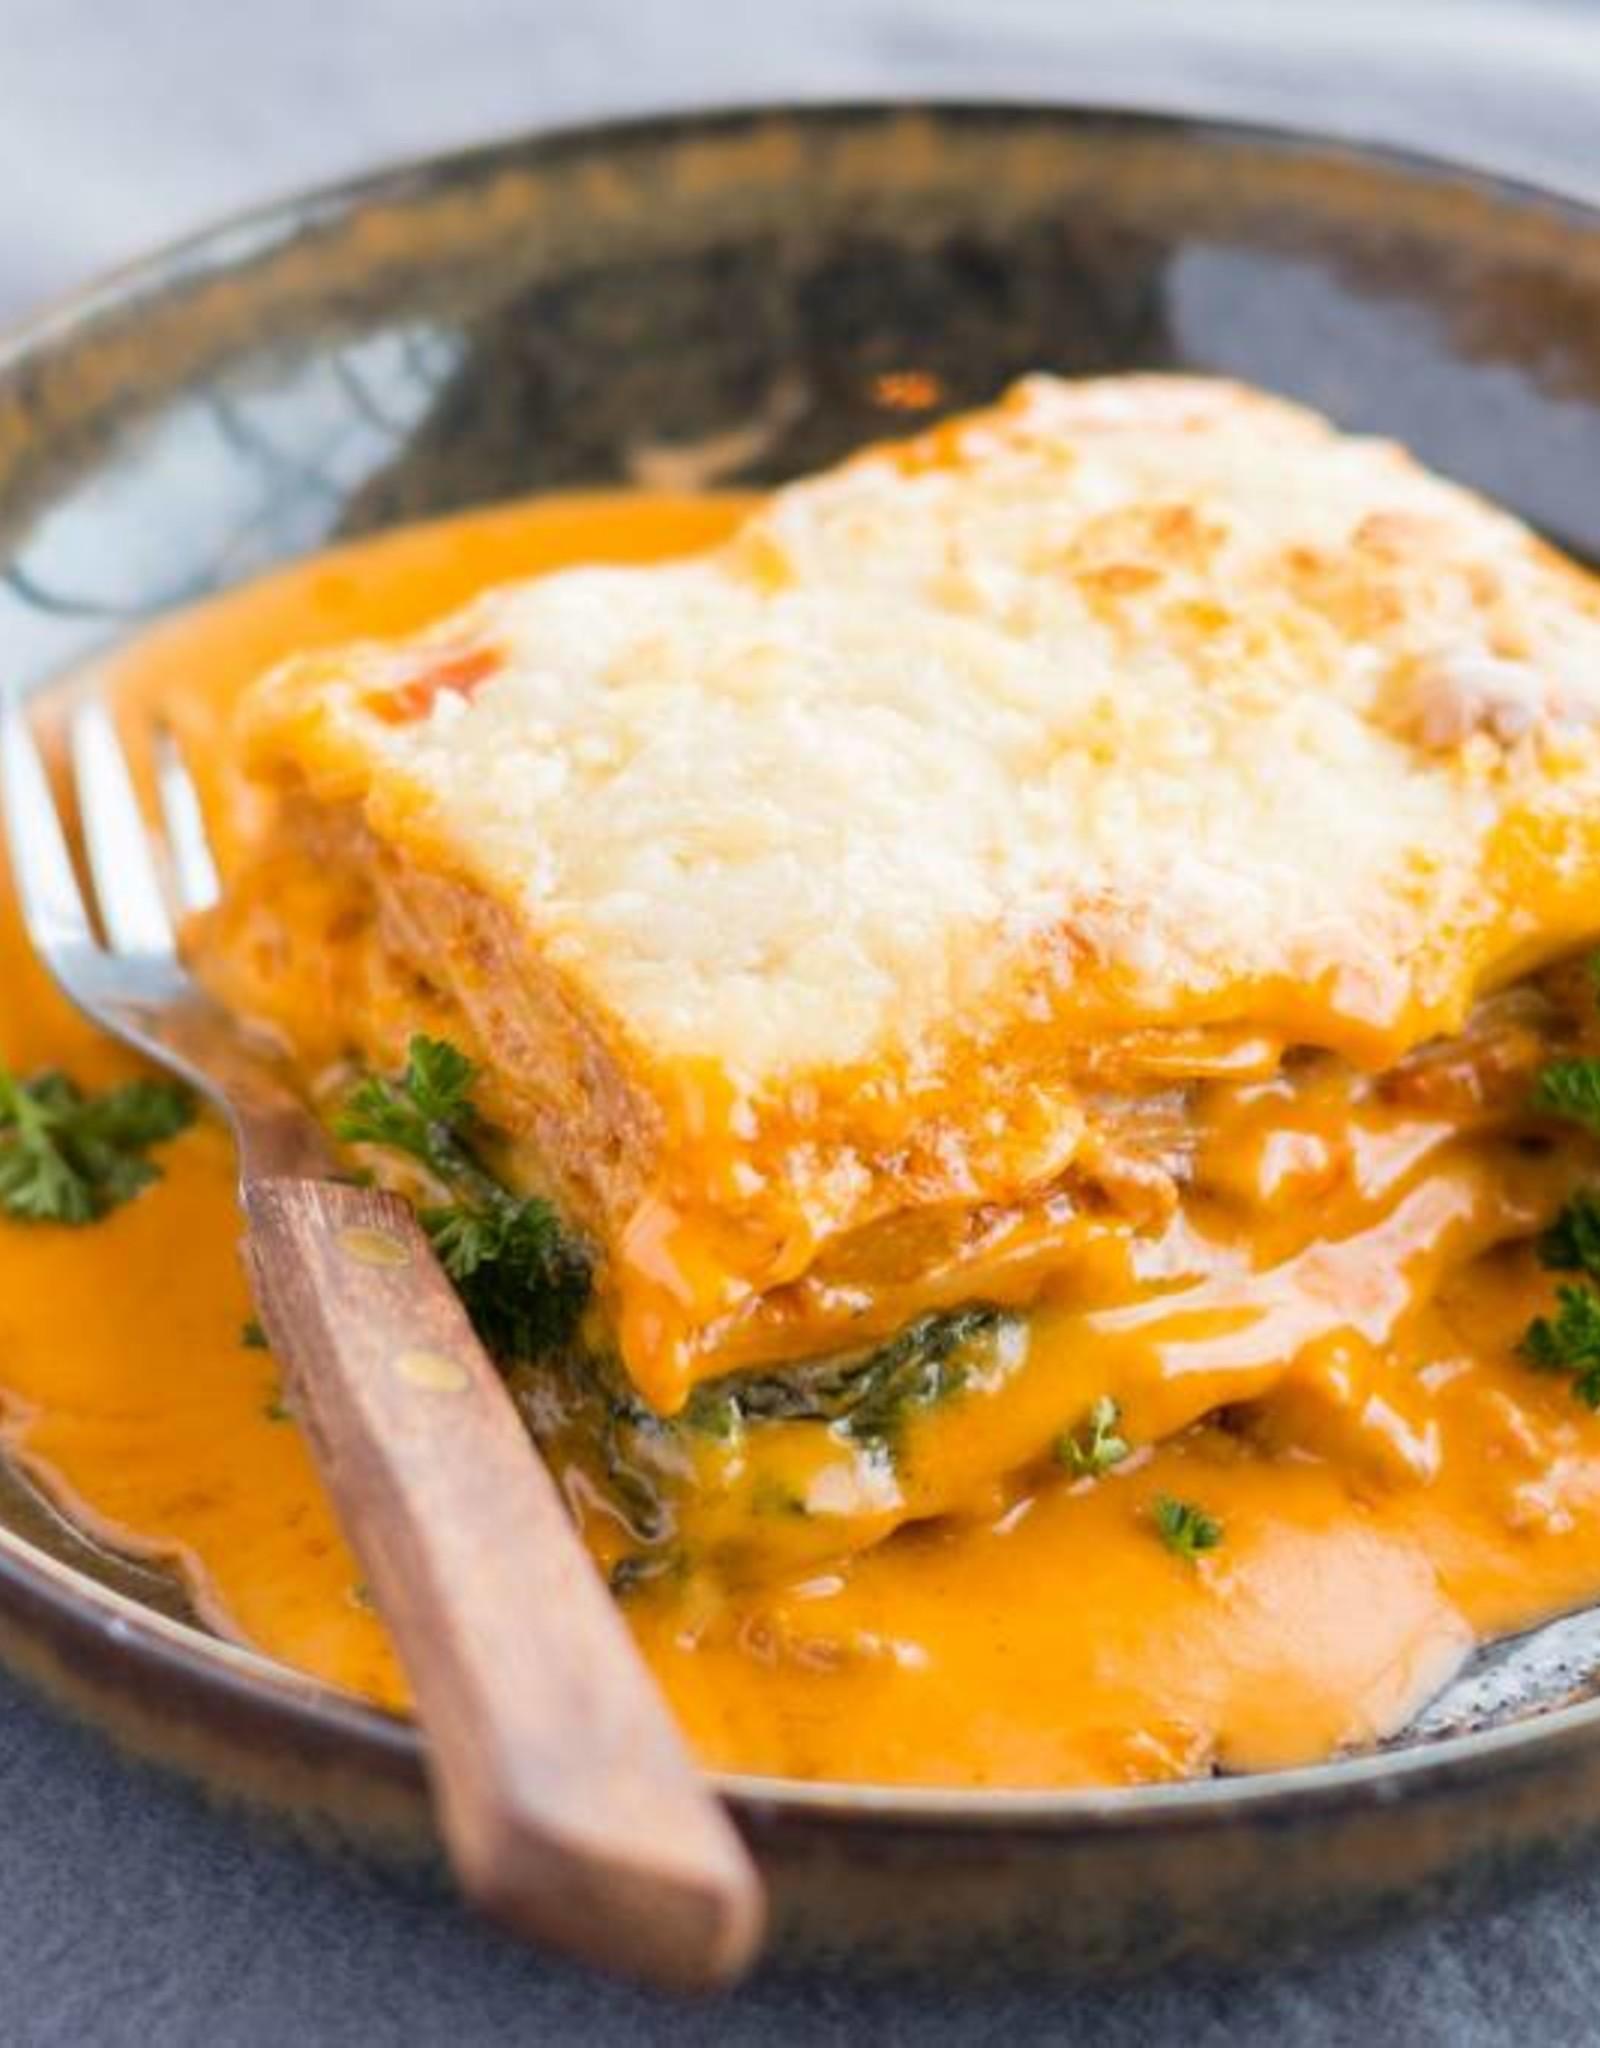 huisgemaakte Lasagne met bolognaise beenham en bladspinazie 500 gr